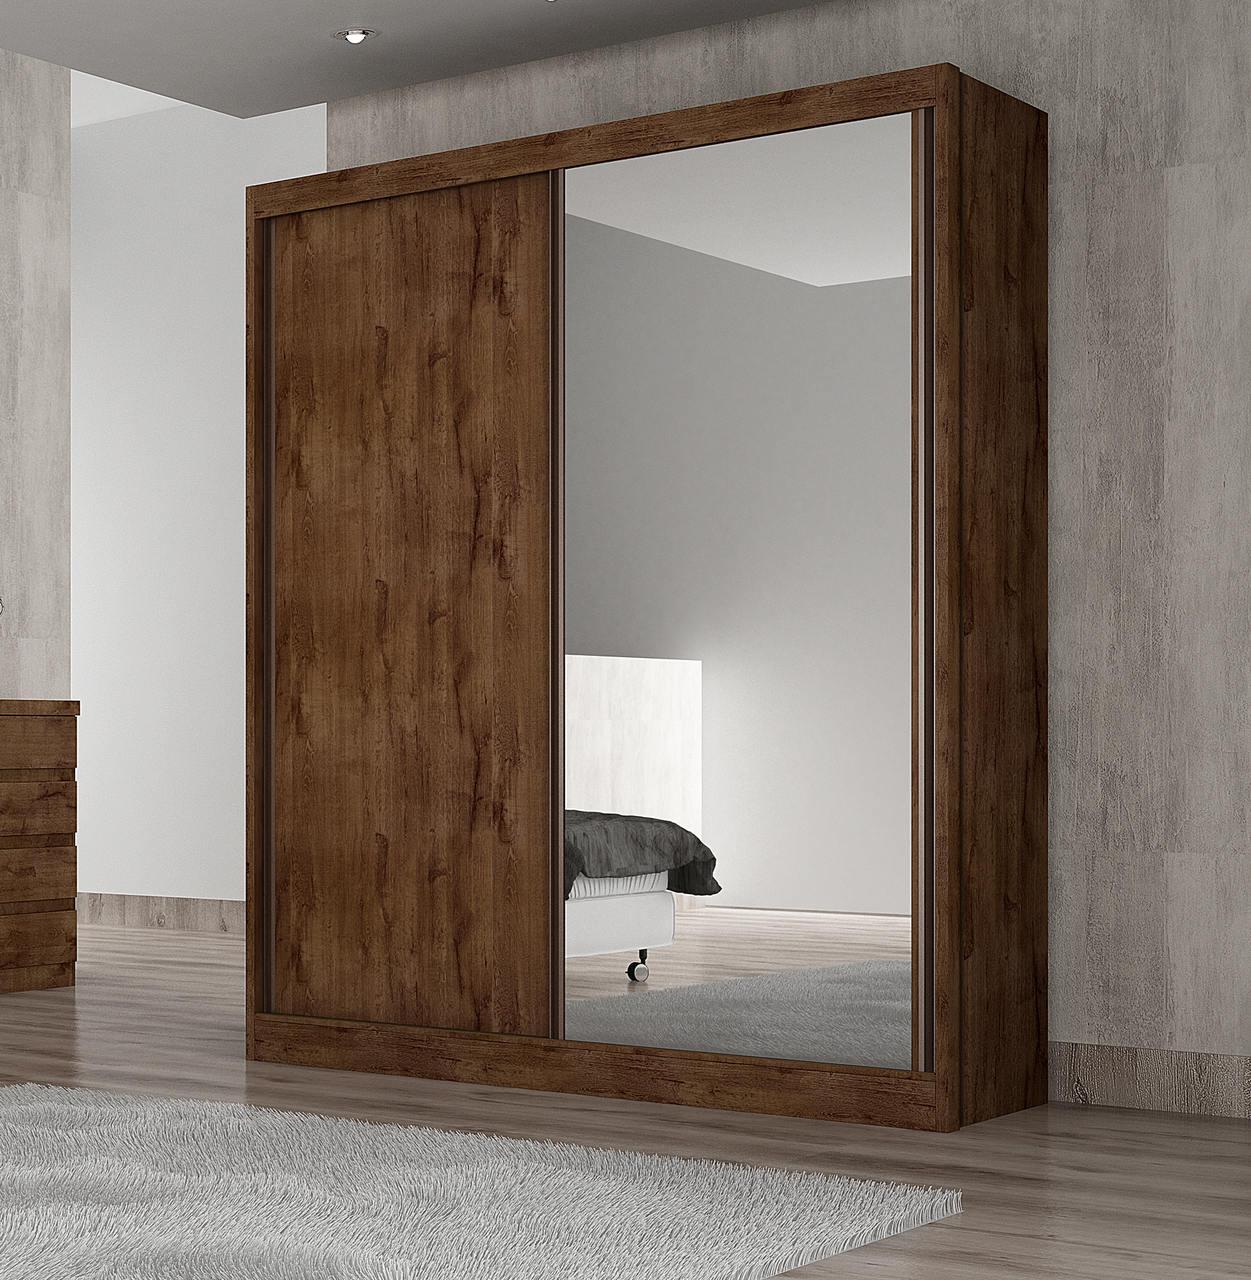 Guarda Roupa Solteiro com Espelho 2 Portas de Correr Virtus Novo Horizonte